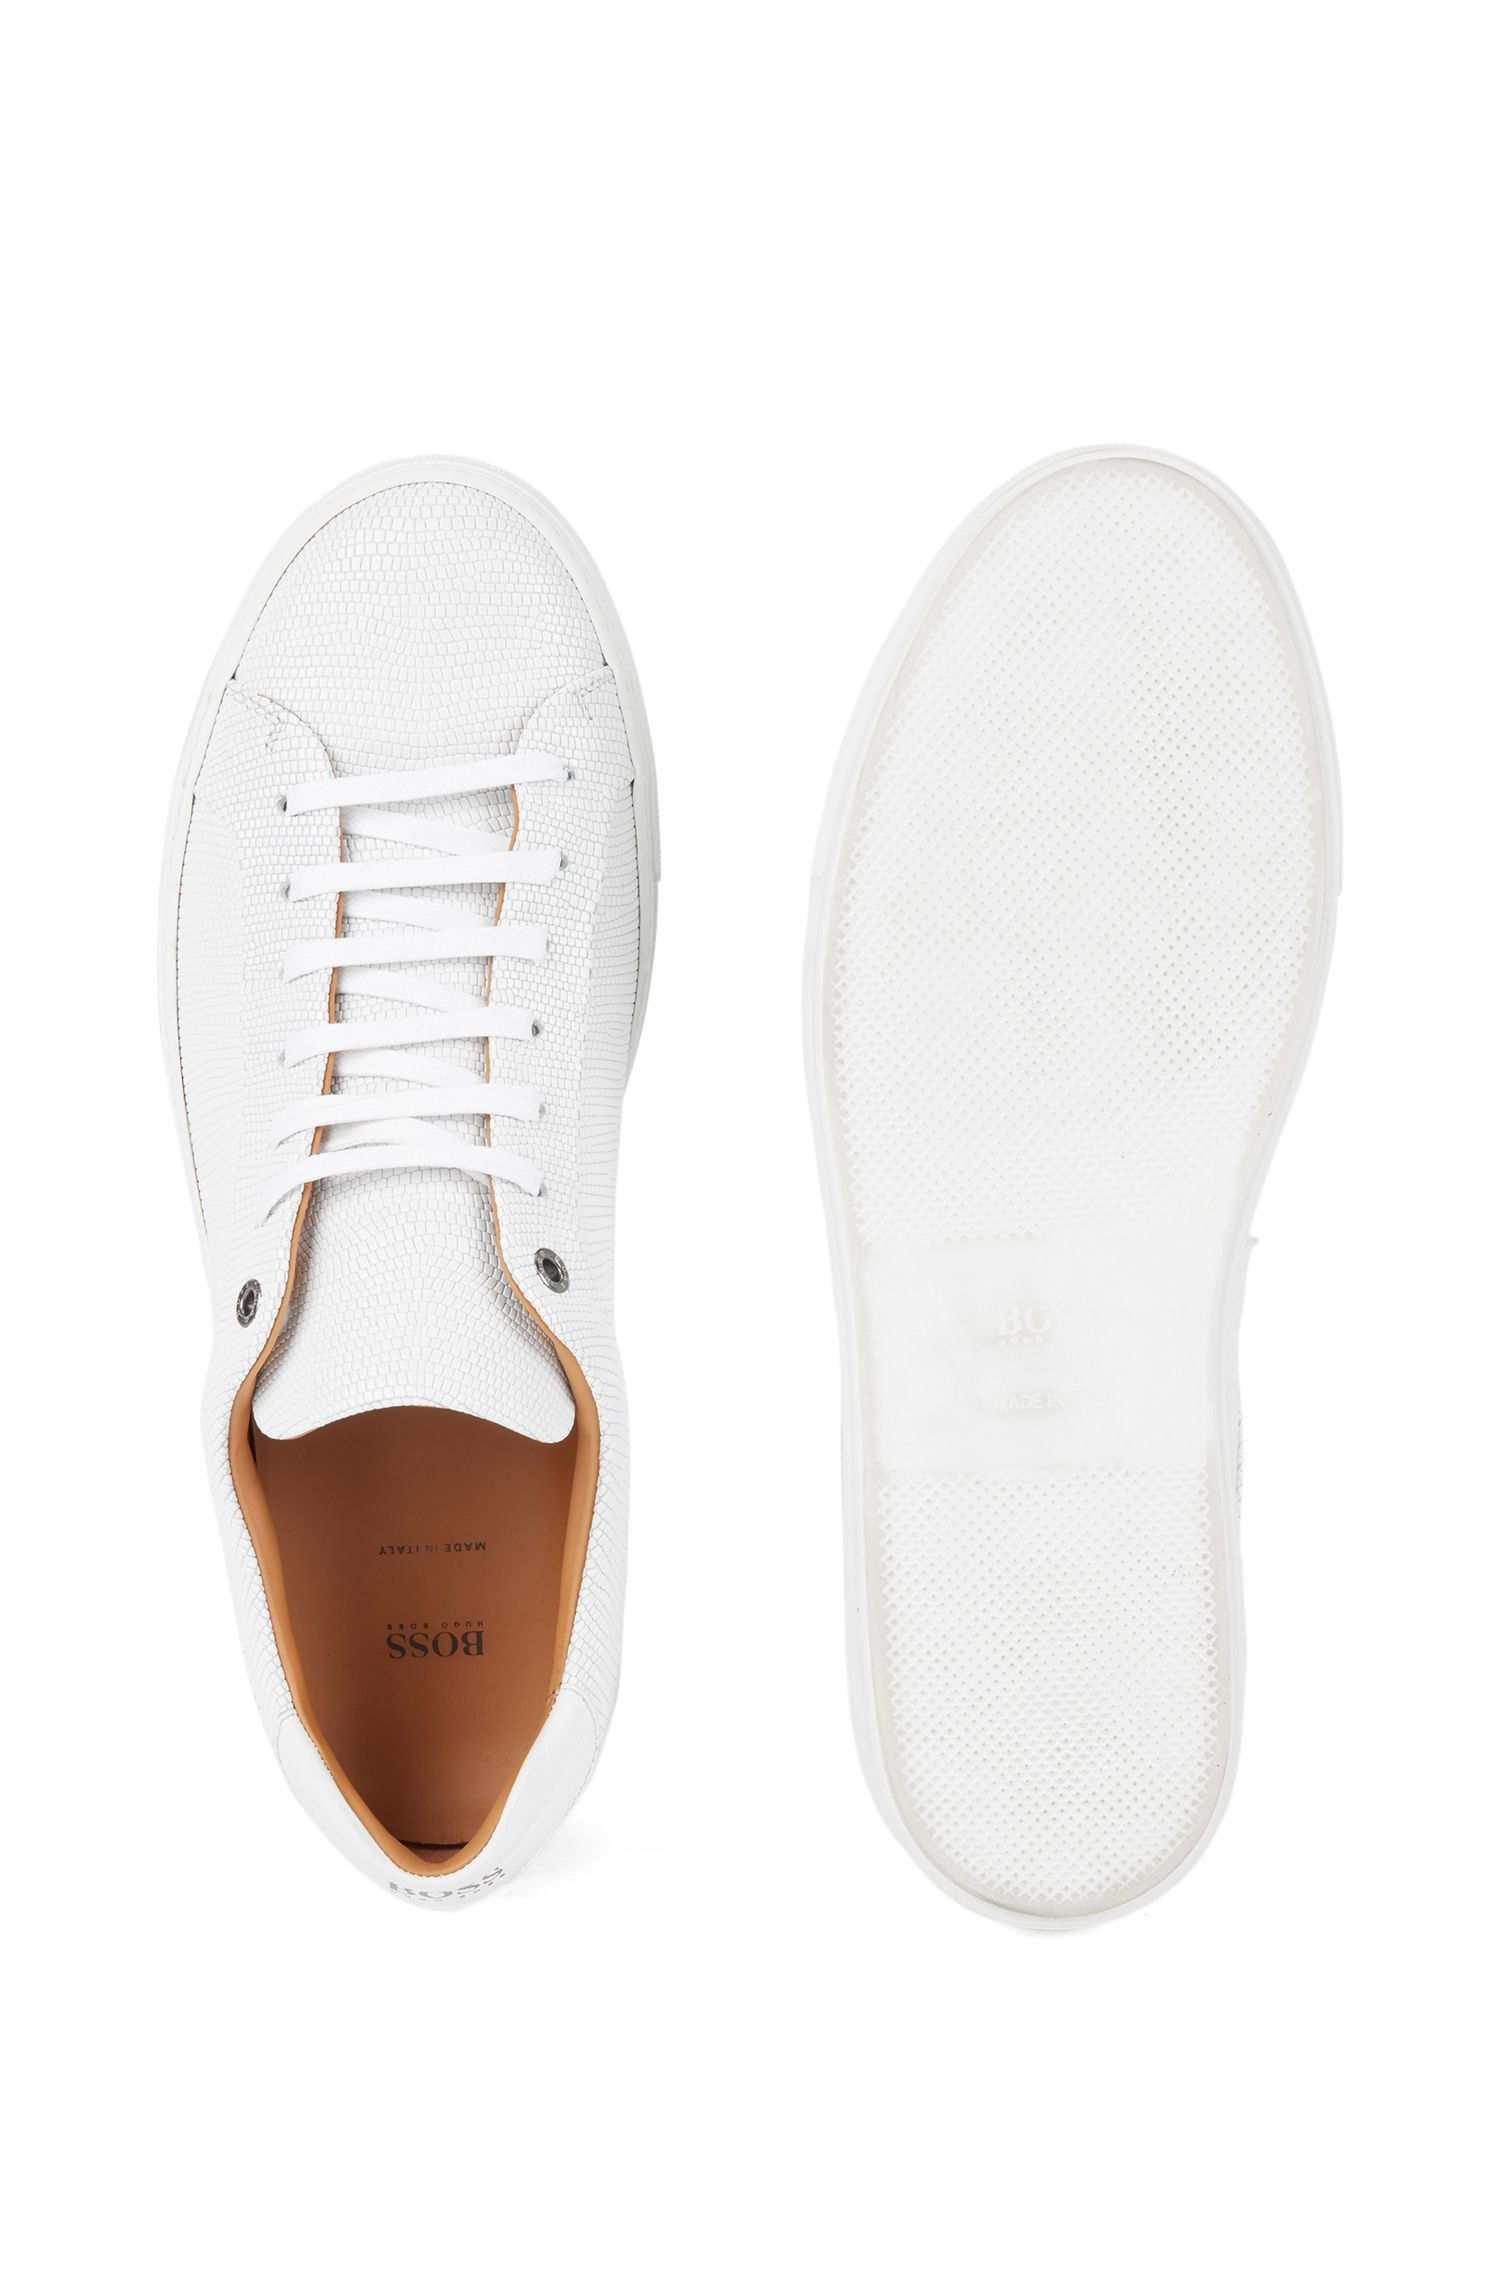 Baskets en cuir de veau embossé inspirées des tennis, Blanc